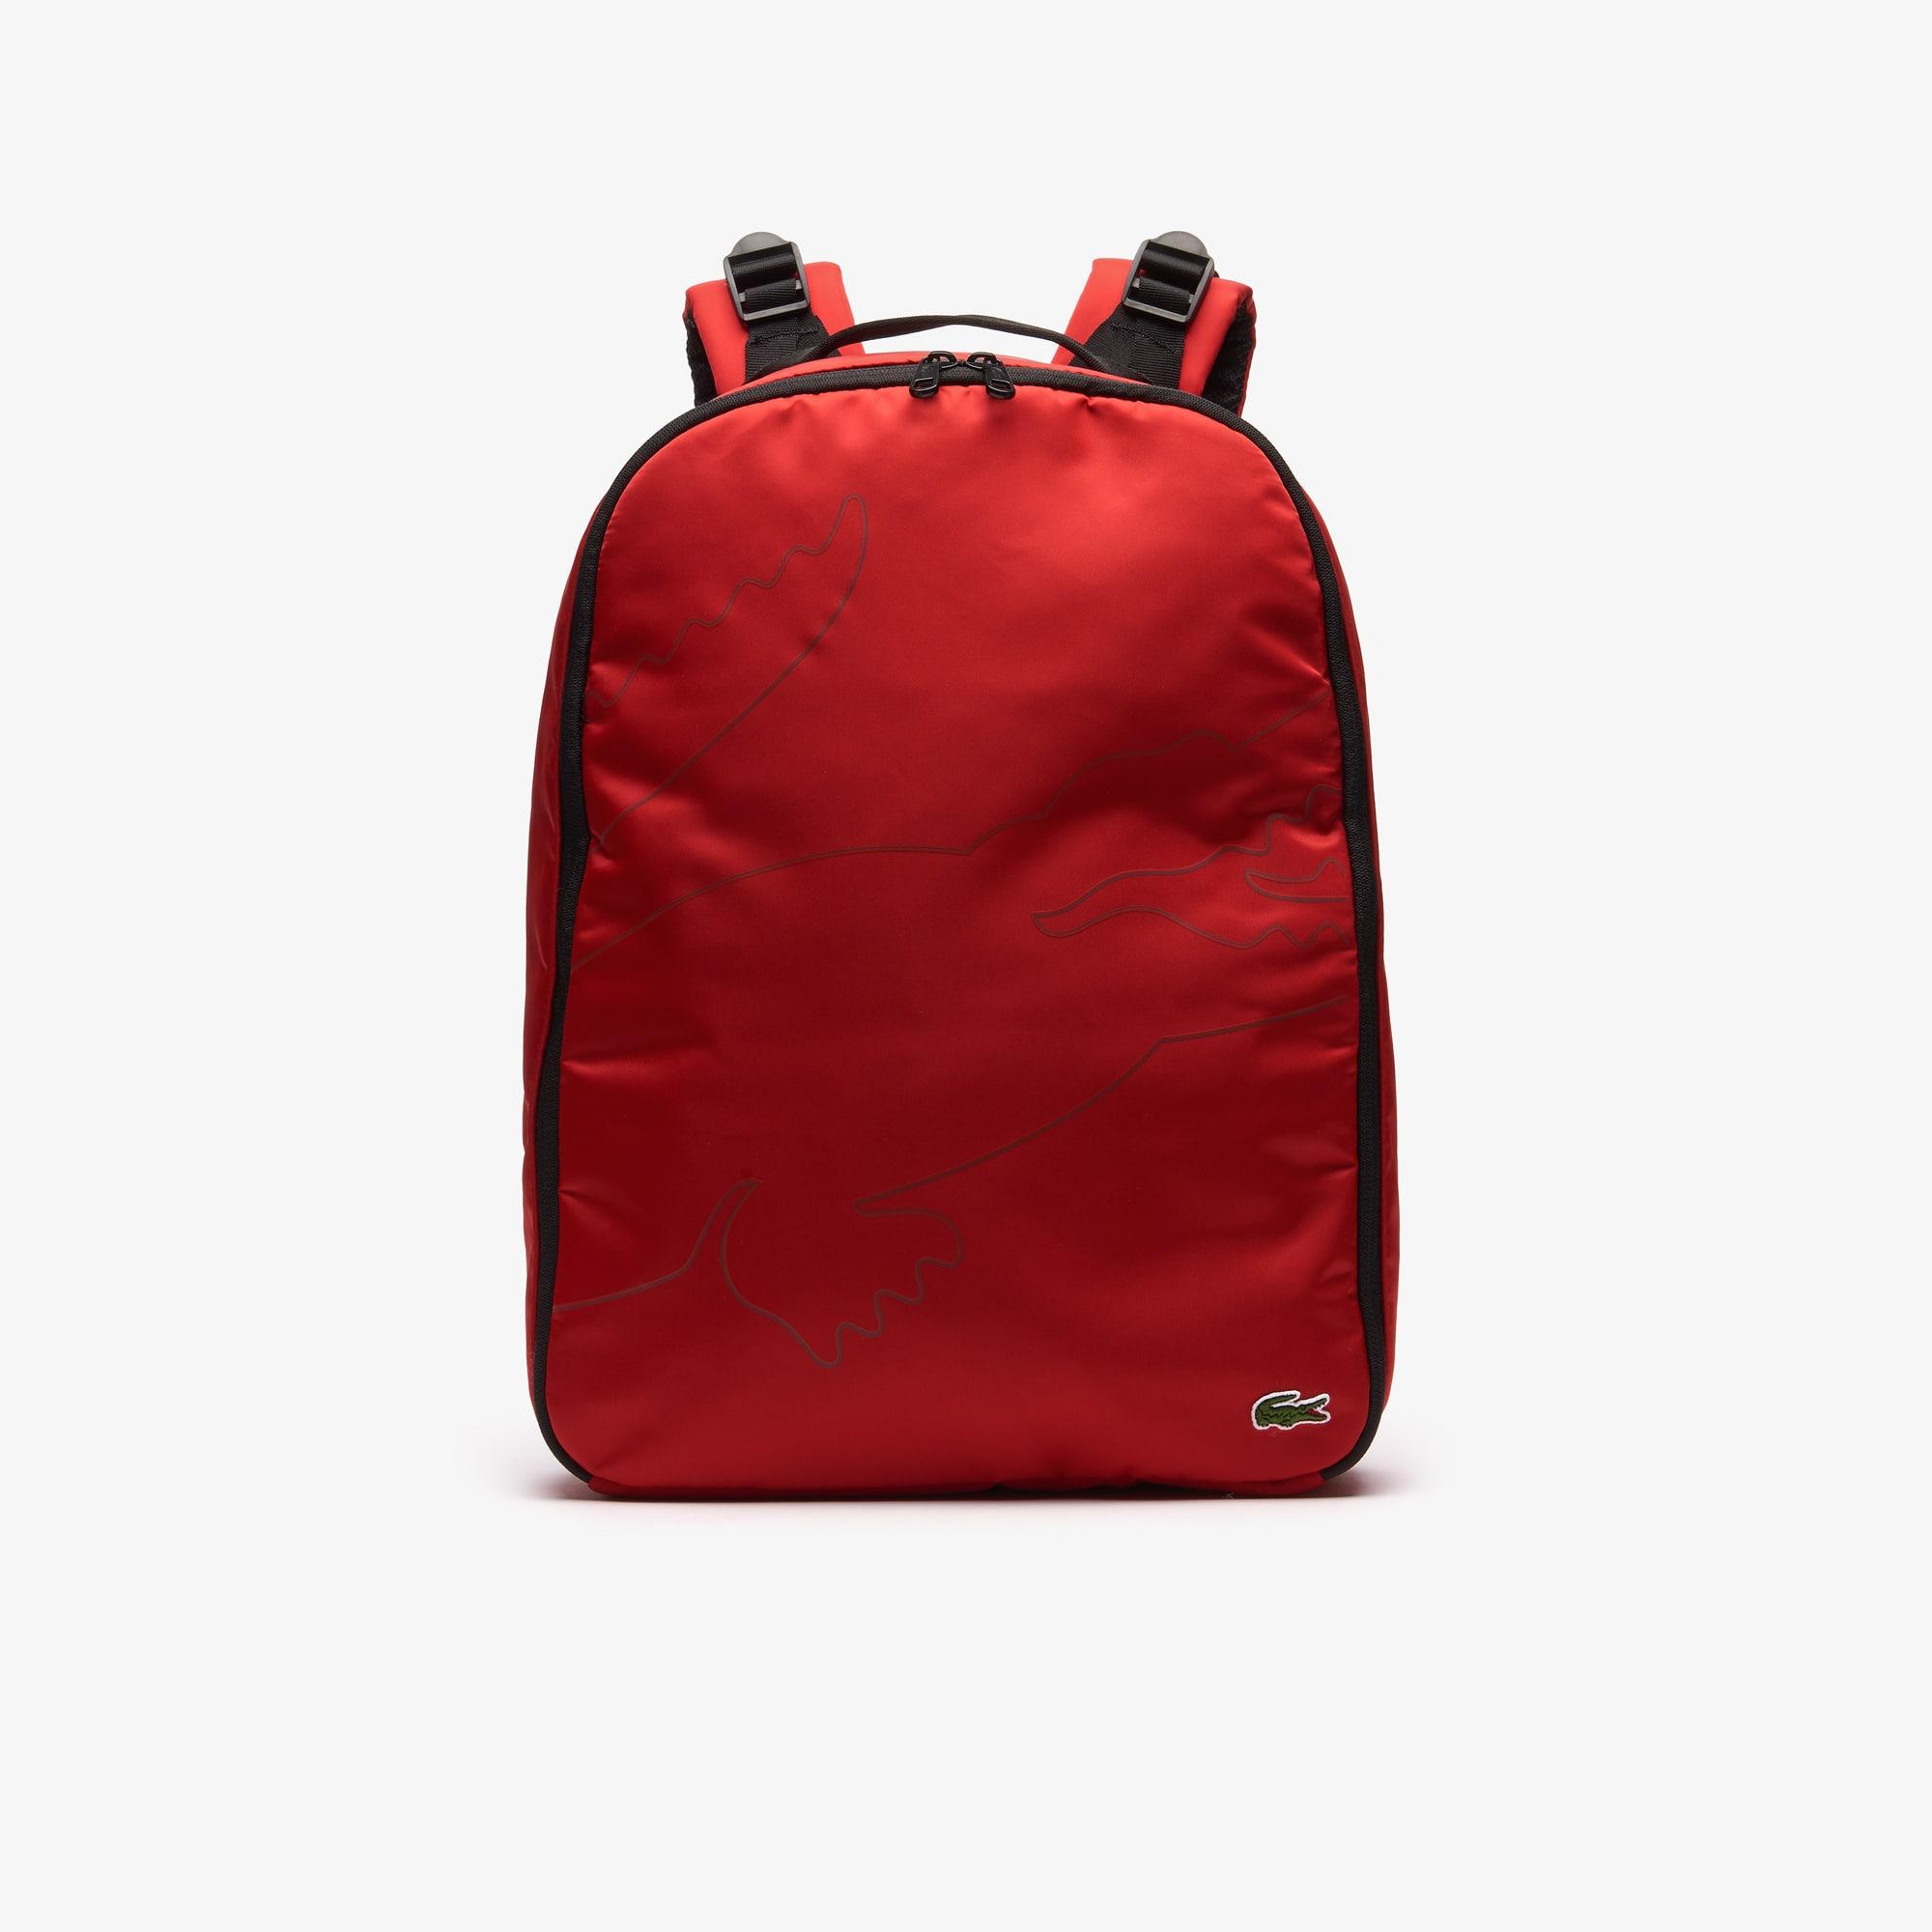 9c3af70196a4 Men s Bags